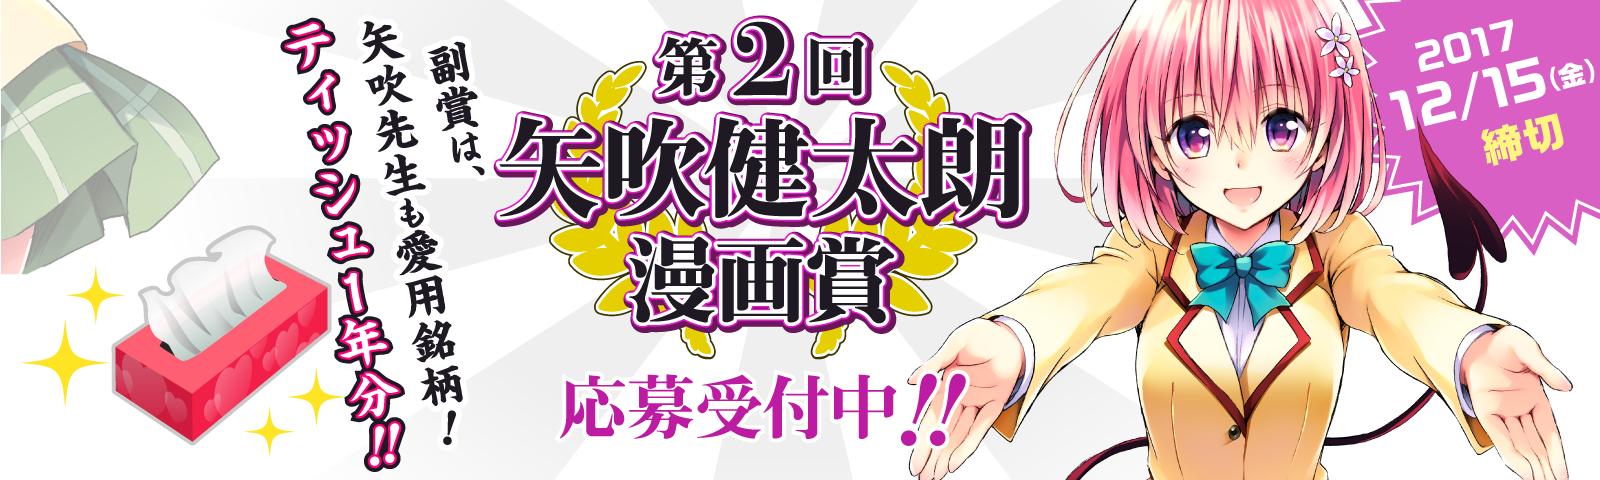 第2回 矢吹健太朗 漫画賞 募集開始! 副賞は矢吹先生も愛用銘柄!ティッシュ1年分!!